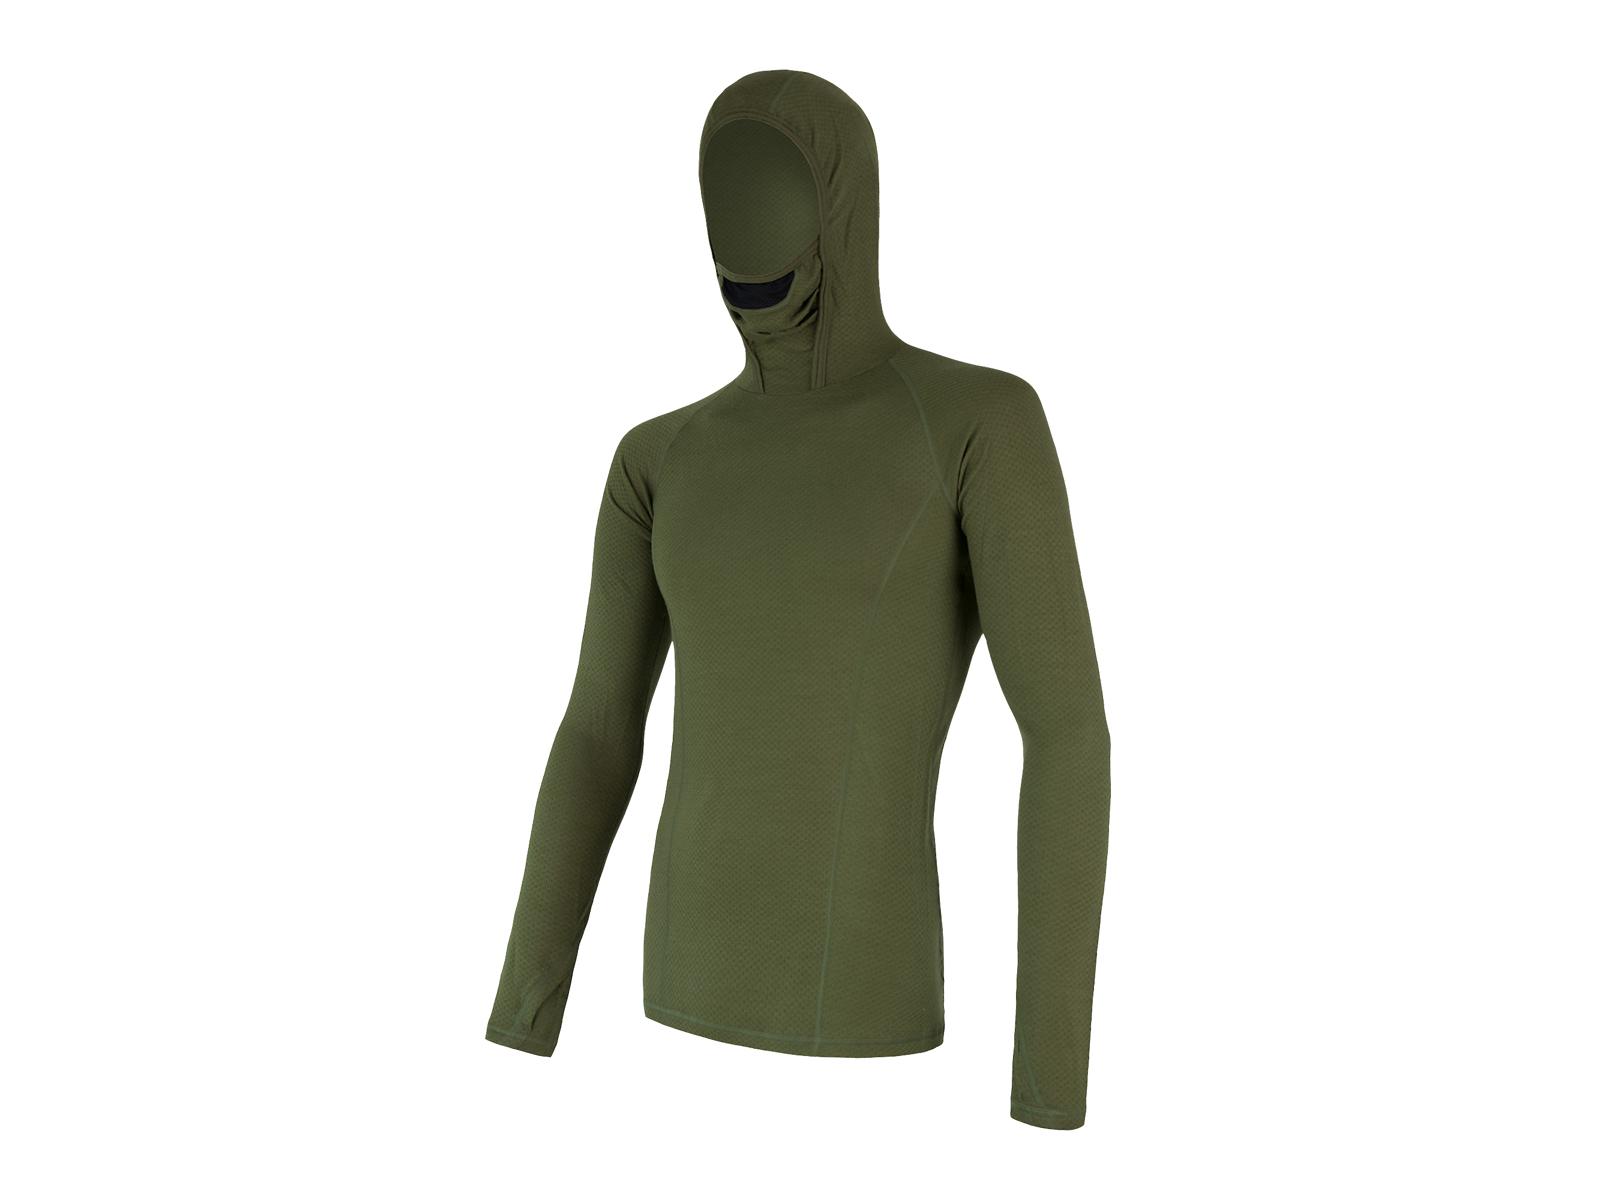 Sensor Merino DF Tee LS Hood Uldundertrøje m. hætte Herre Grøn (DKK 319,00)